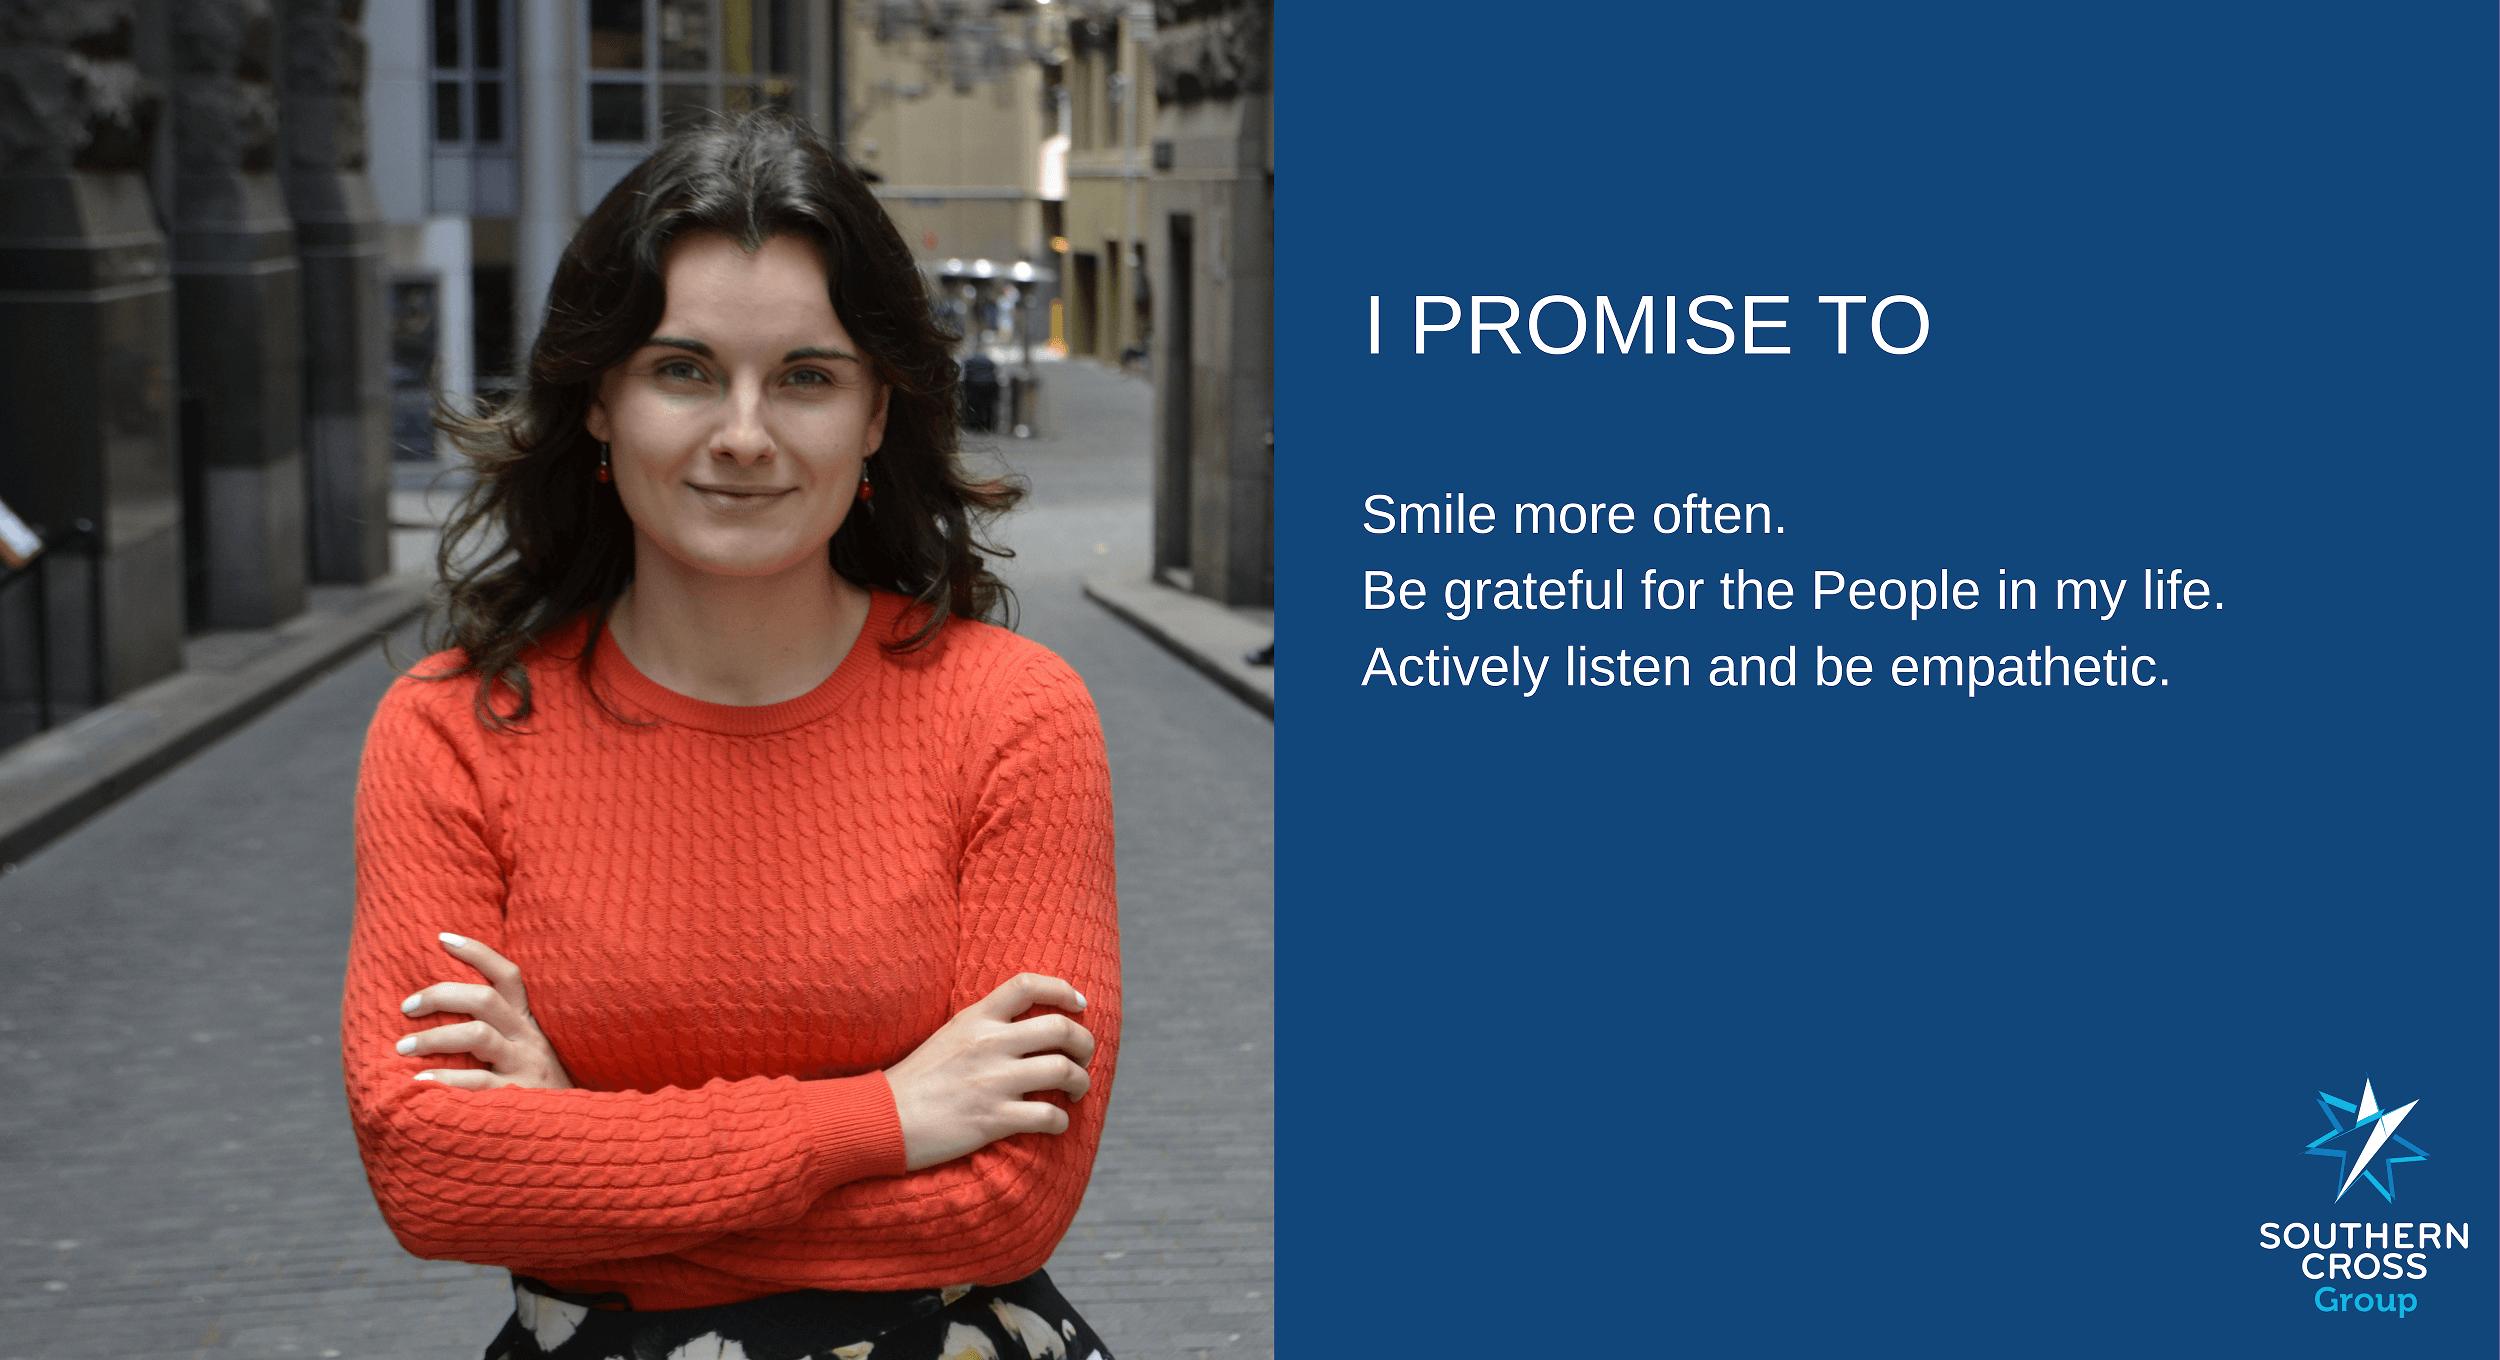 Tatiana promise